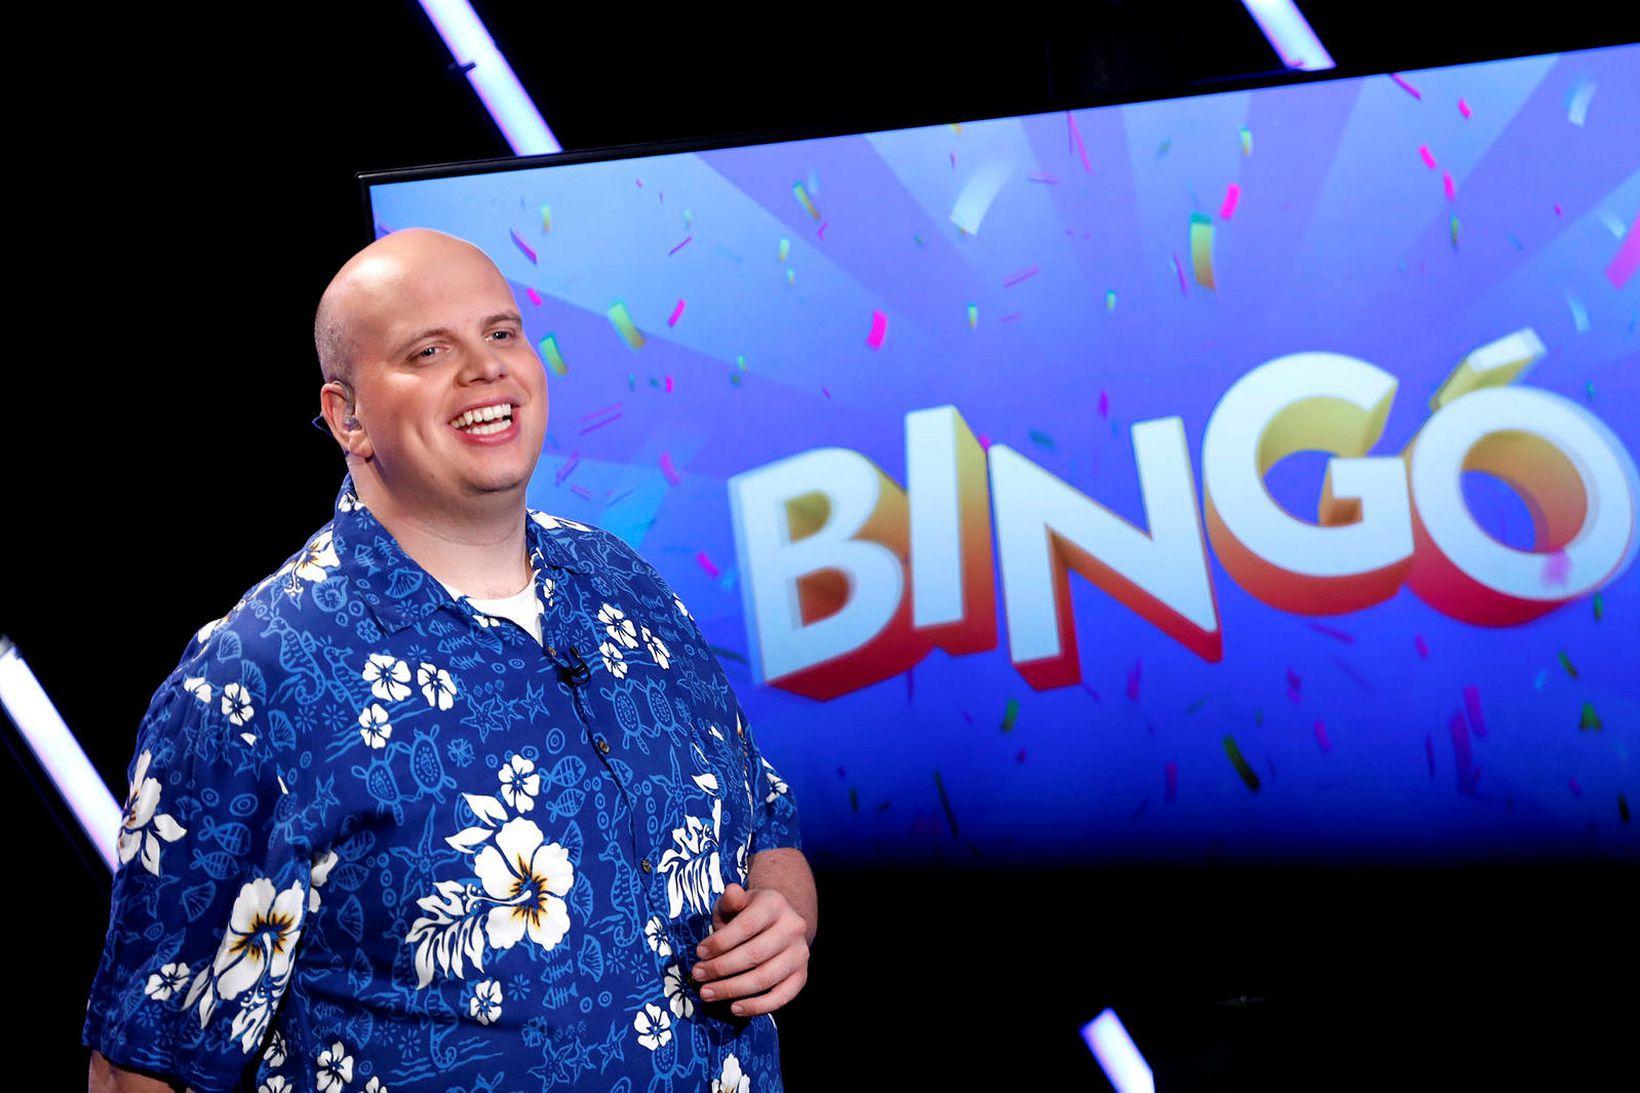 Sigurður Þorri Gunnarsson bingóstjóri á K100.